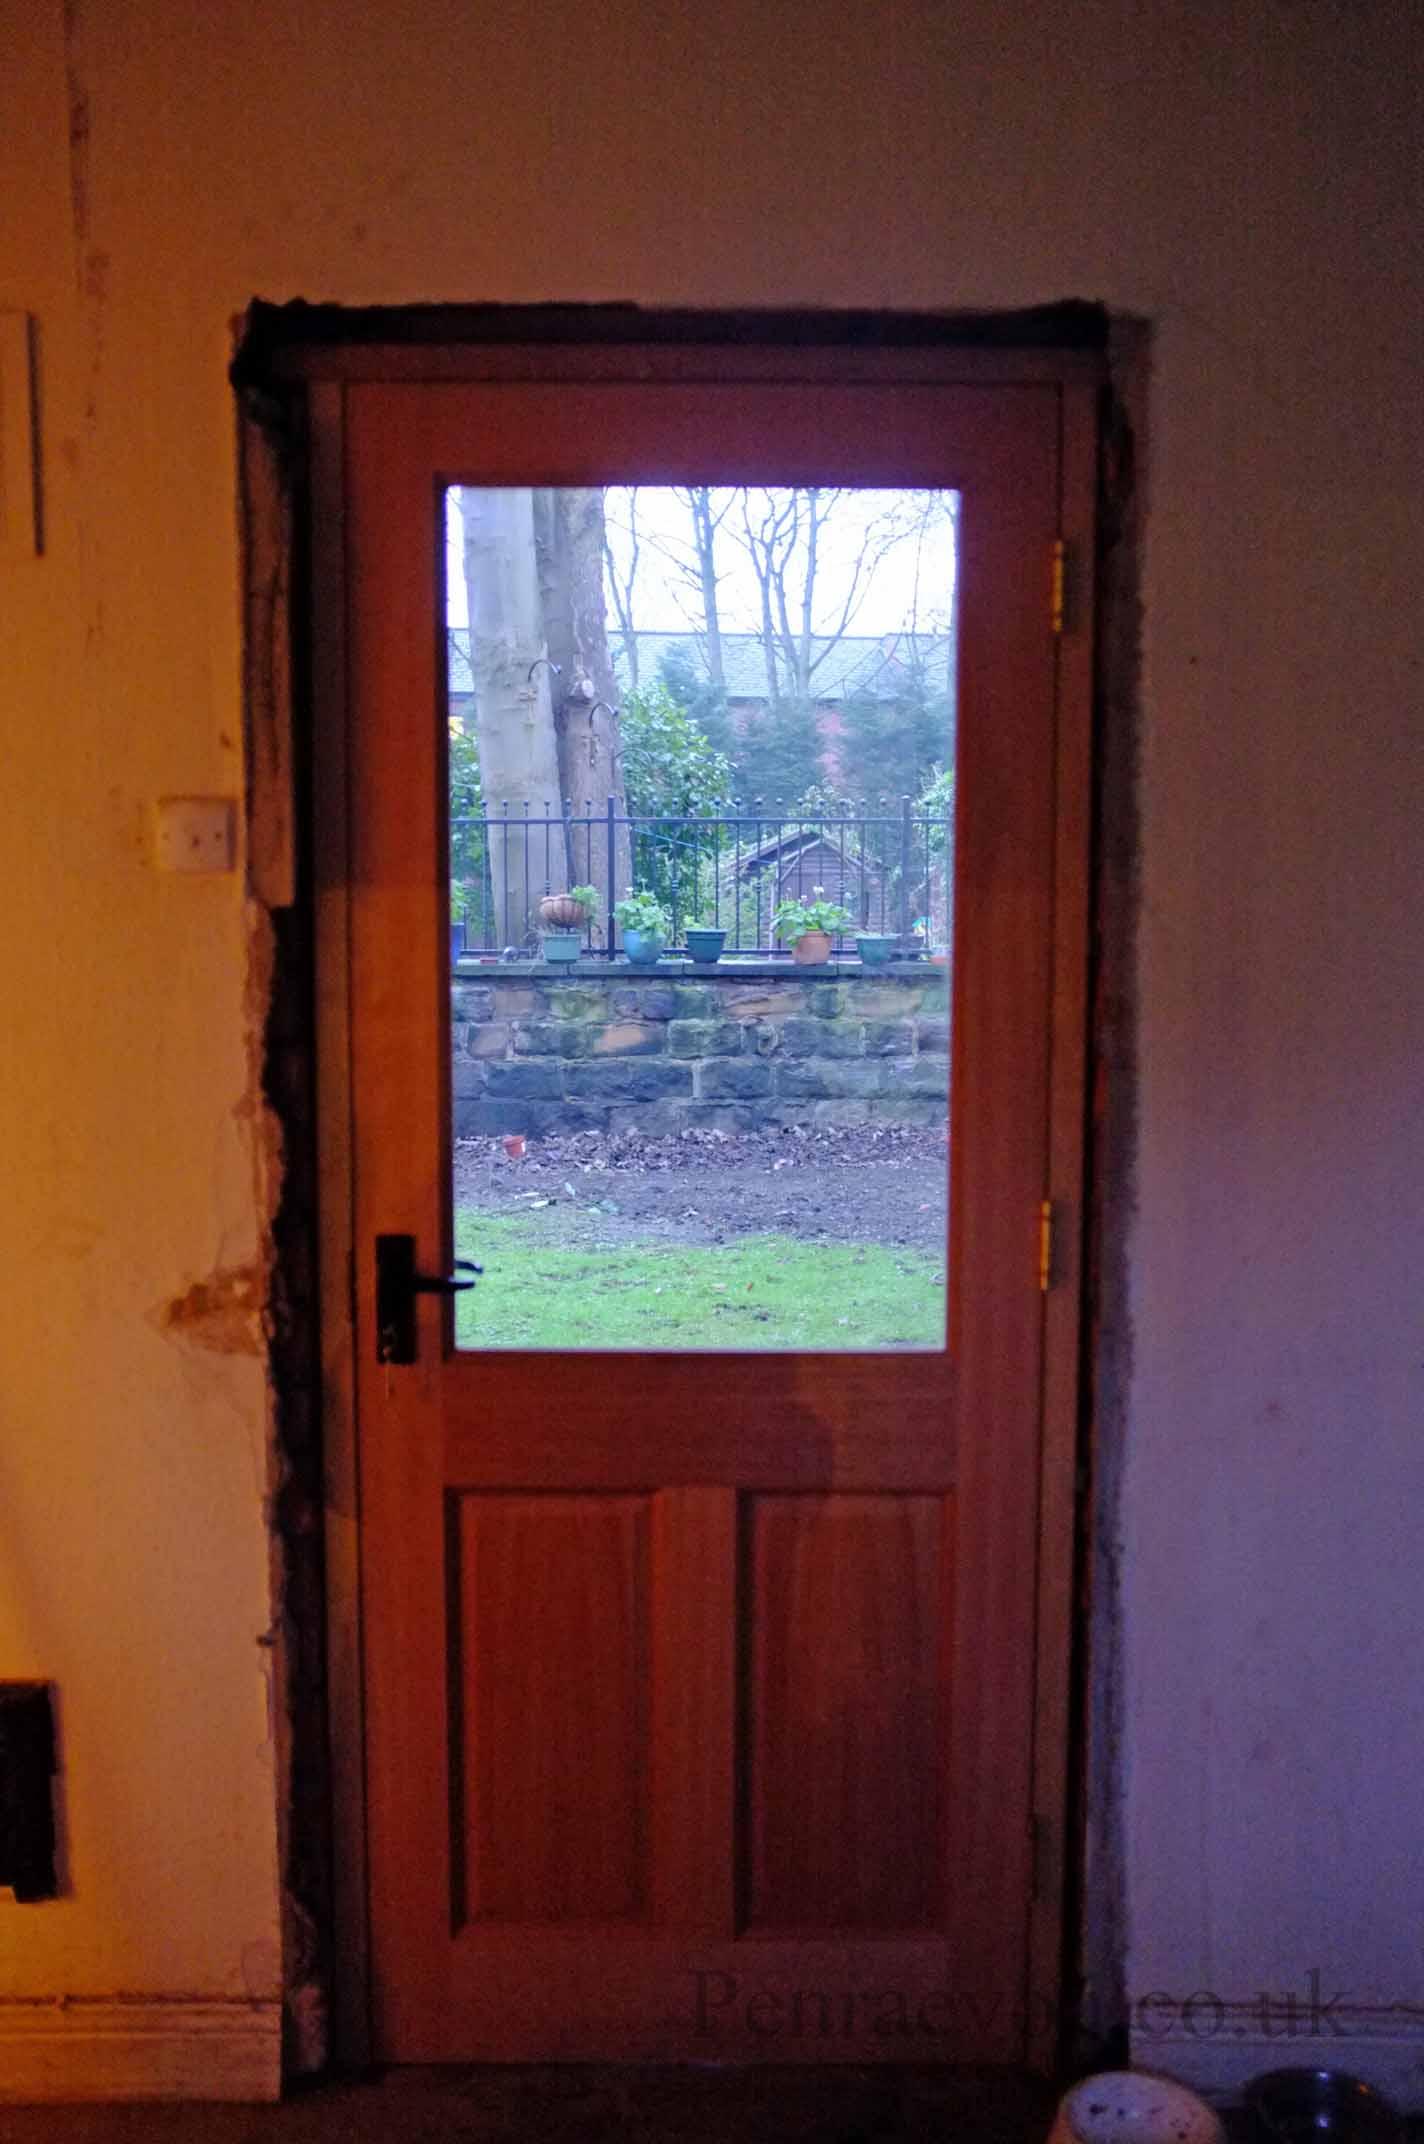 New Door: Putting A New Door In An Old Frame